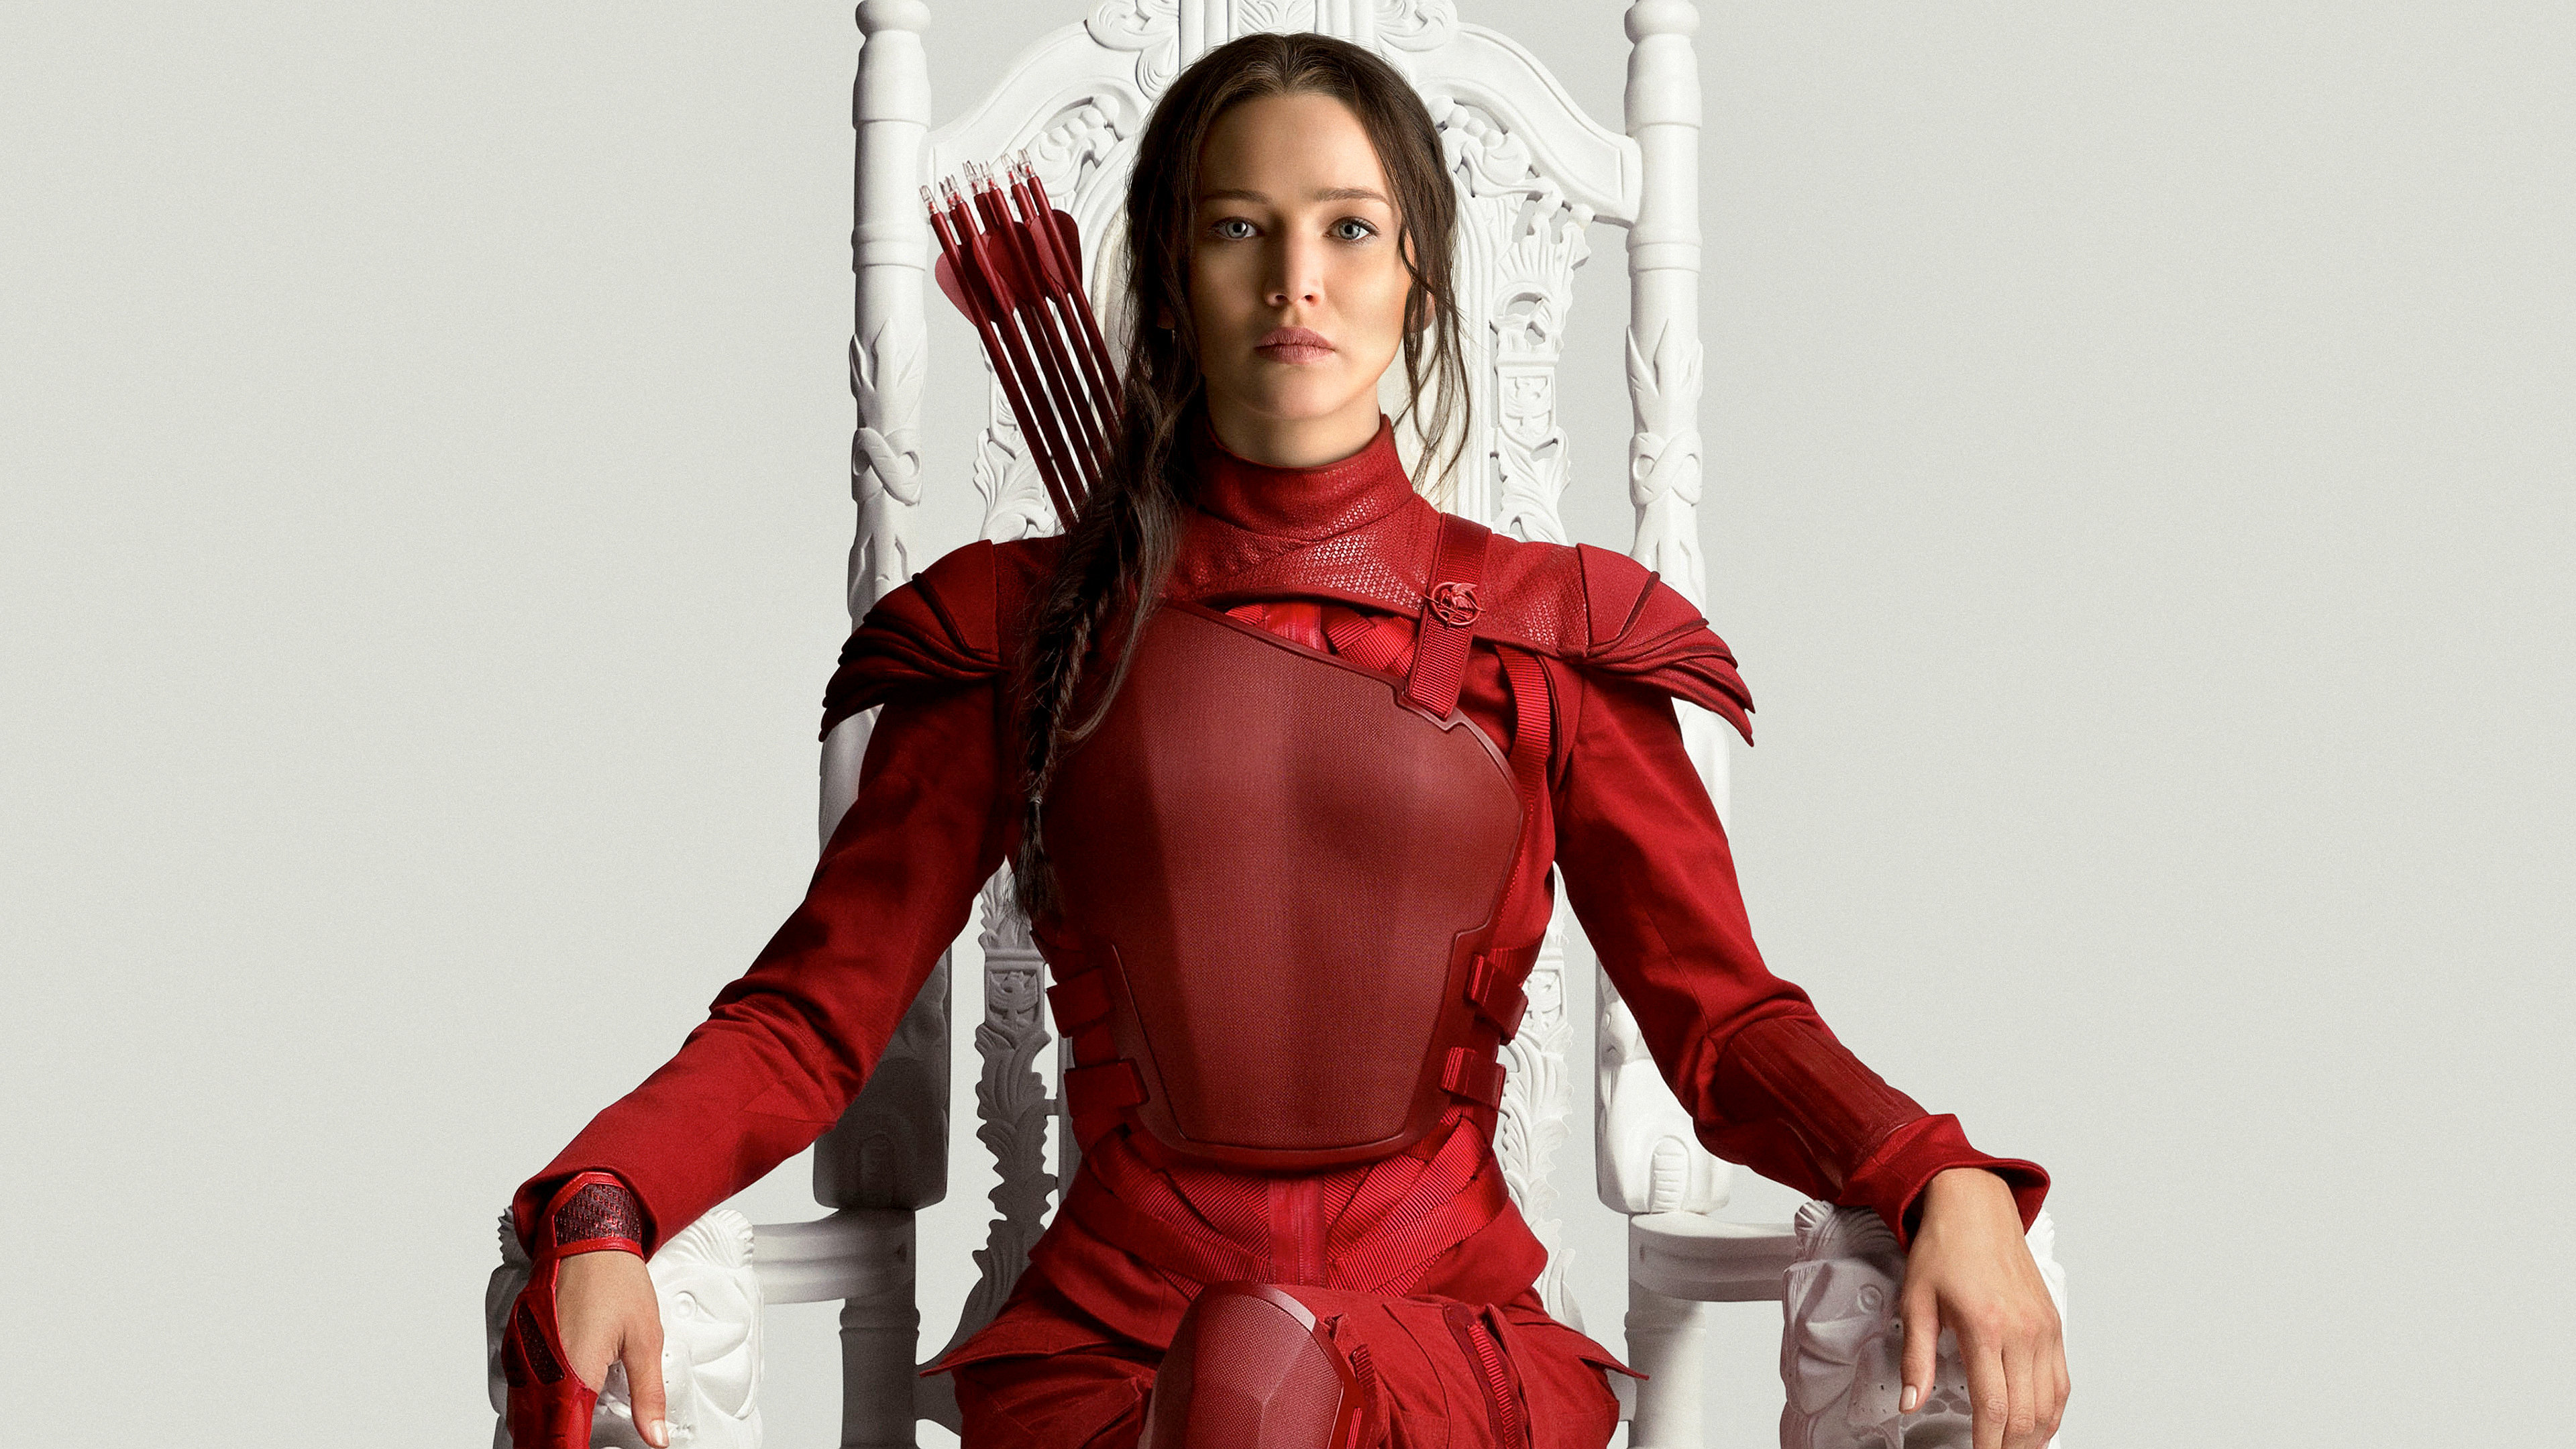 49 Katniss Everdeen HD Wallpapers Background Images   Wallpaper 3840x2160